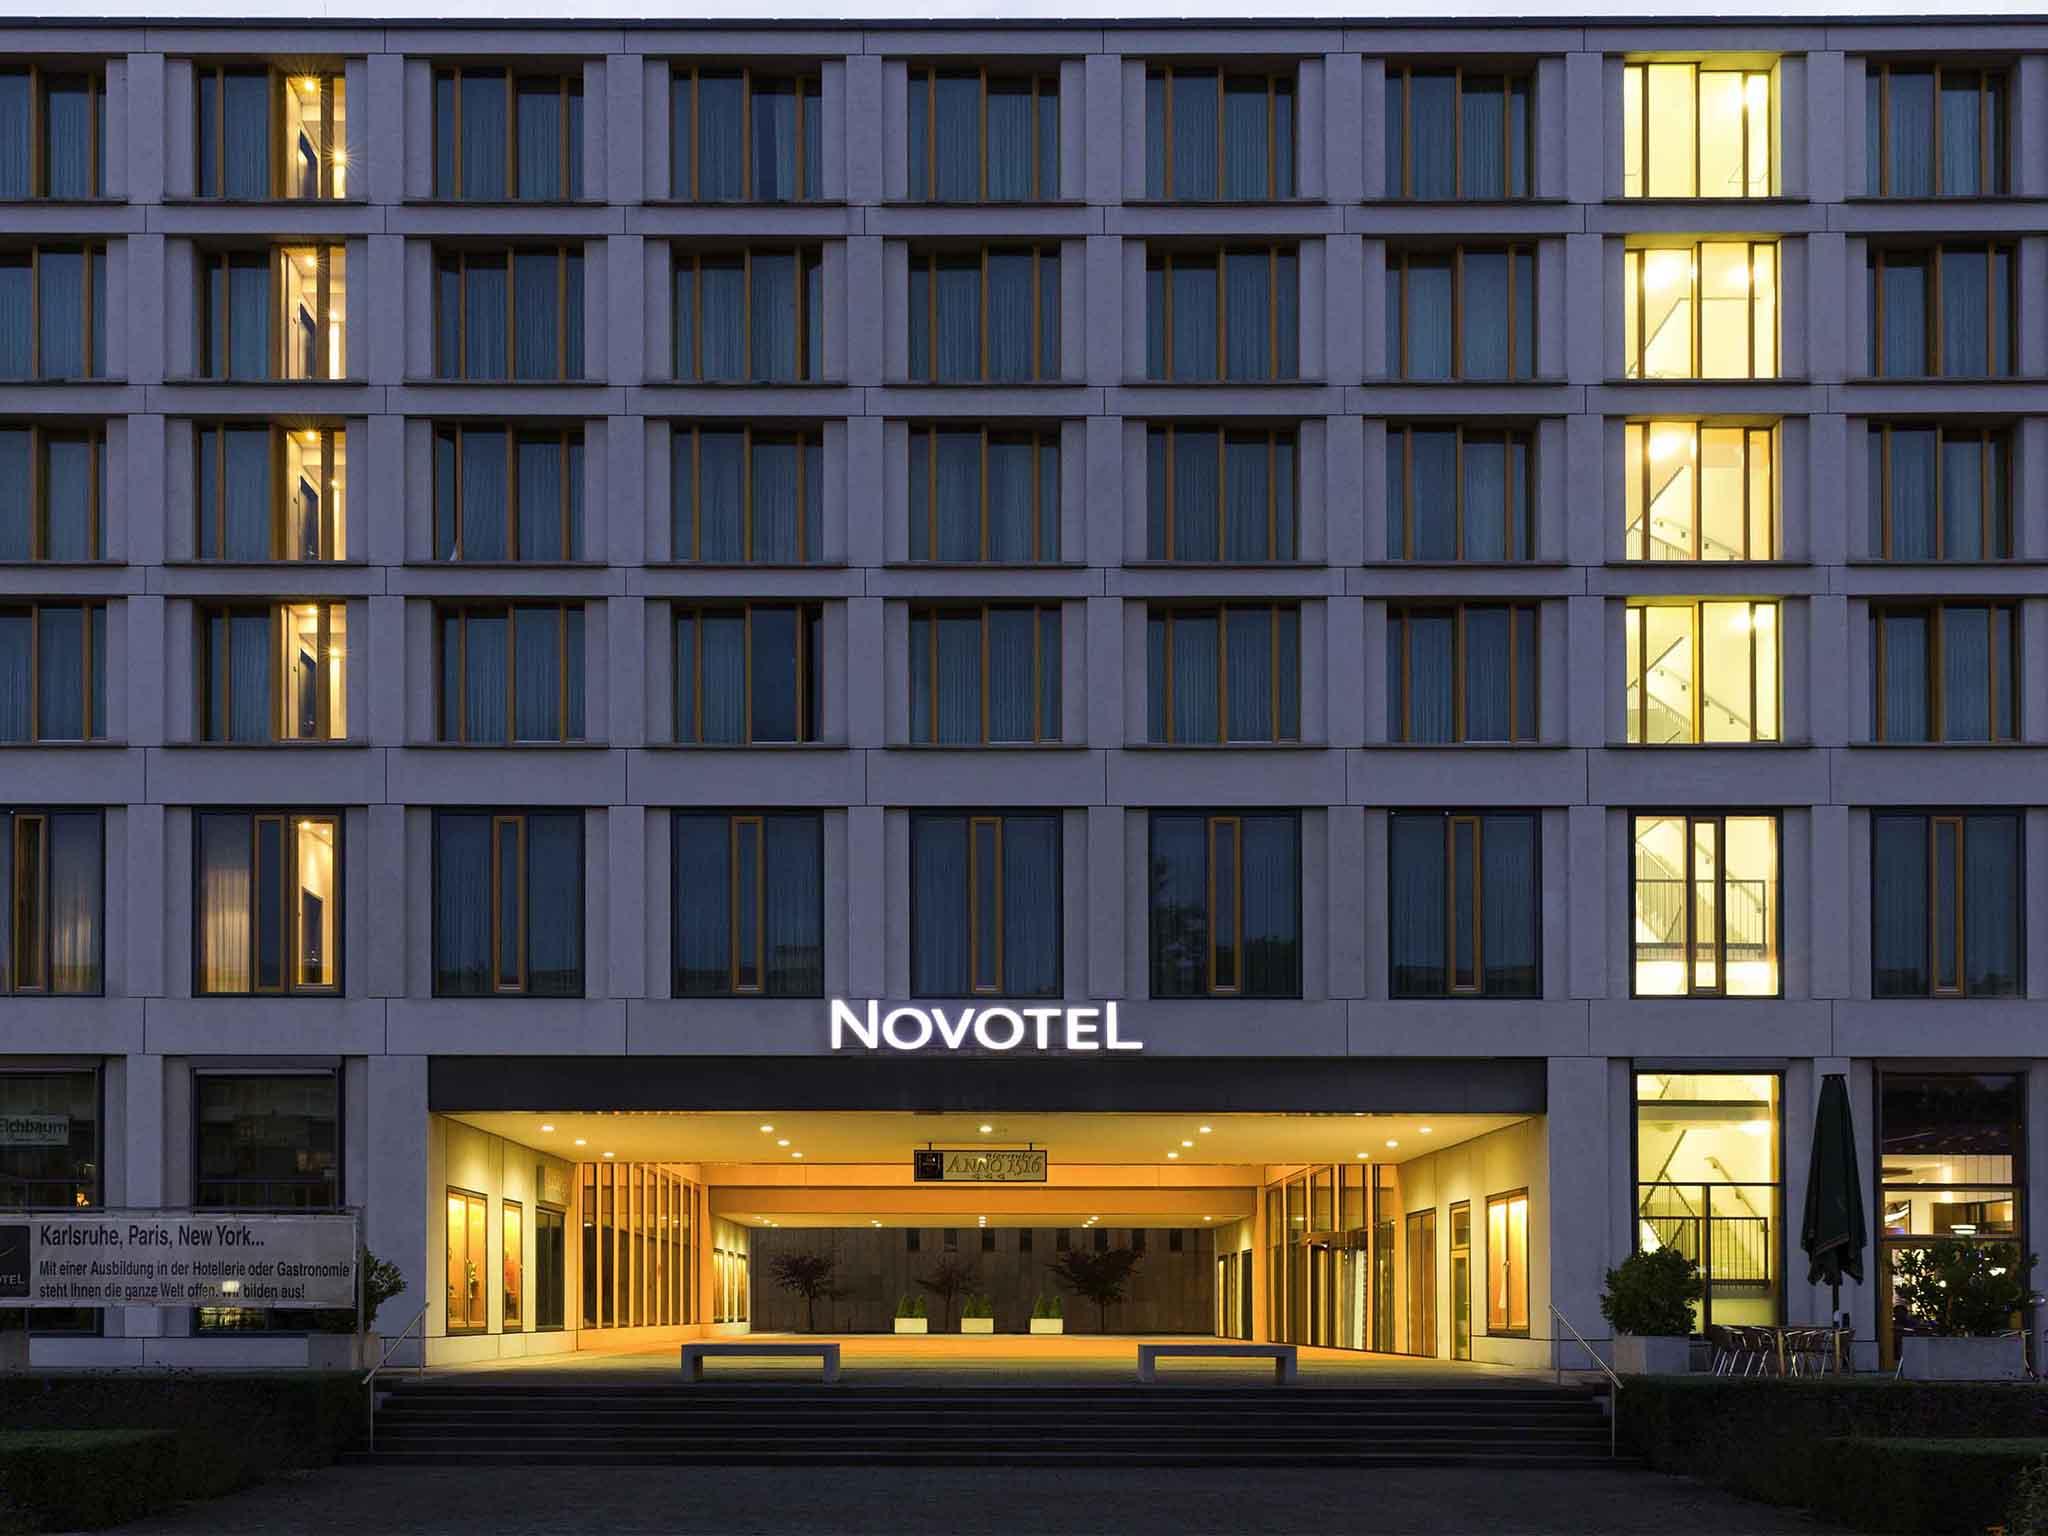 Hotel – Novotel Karlsruhe City